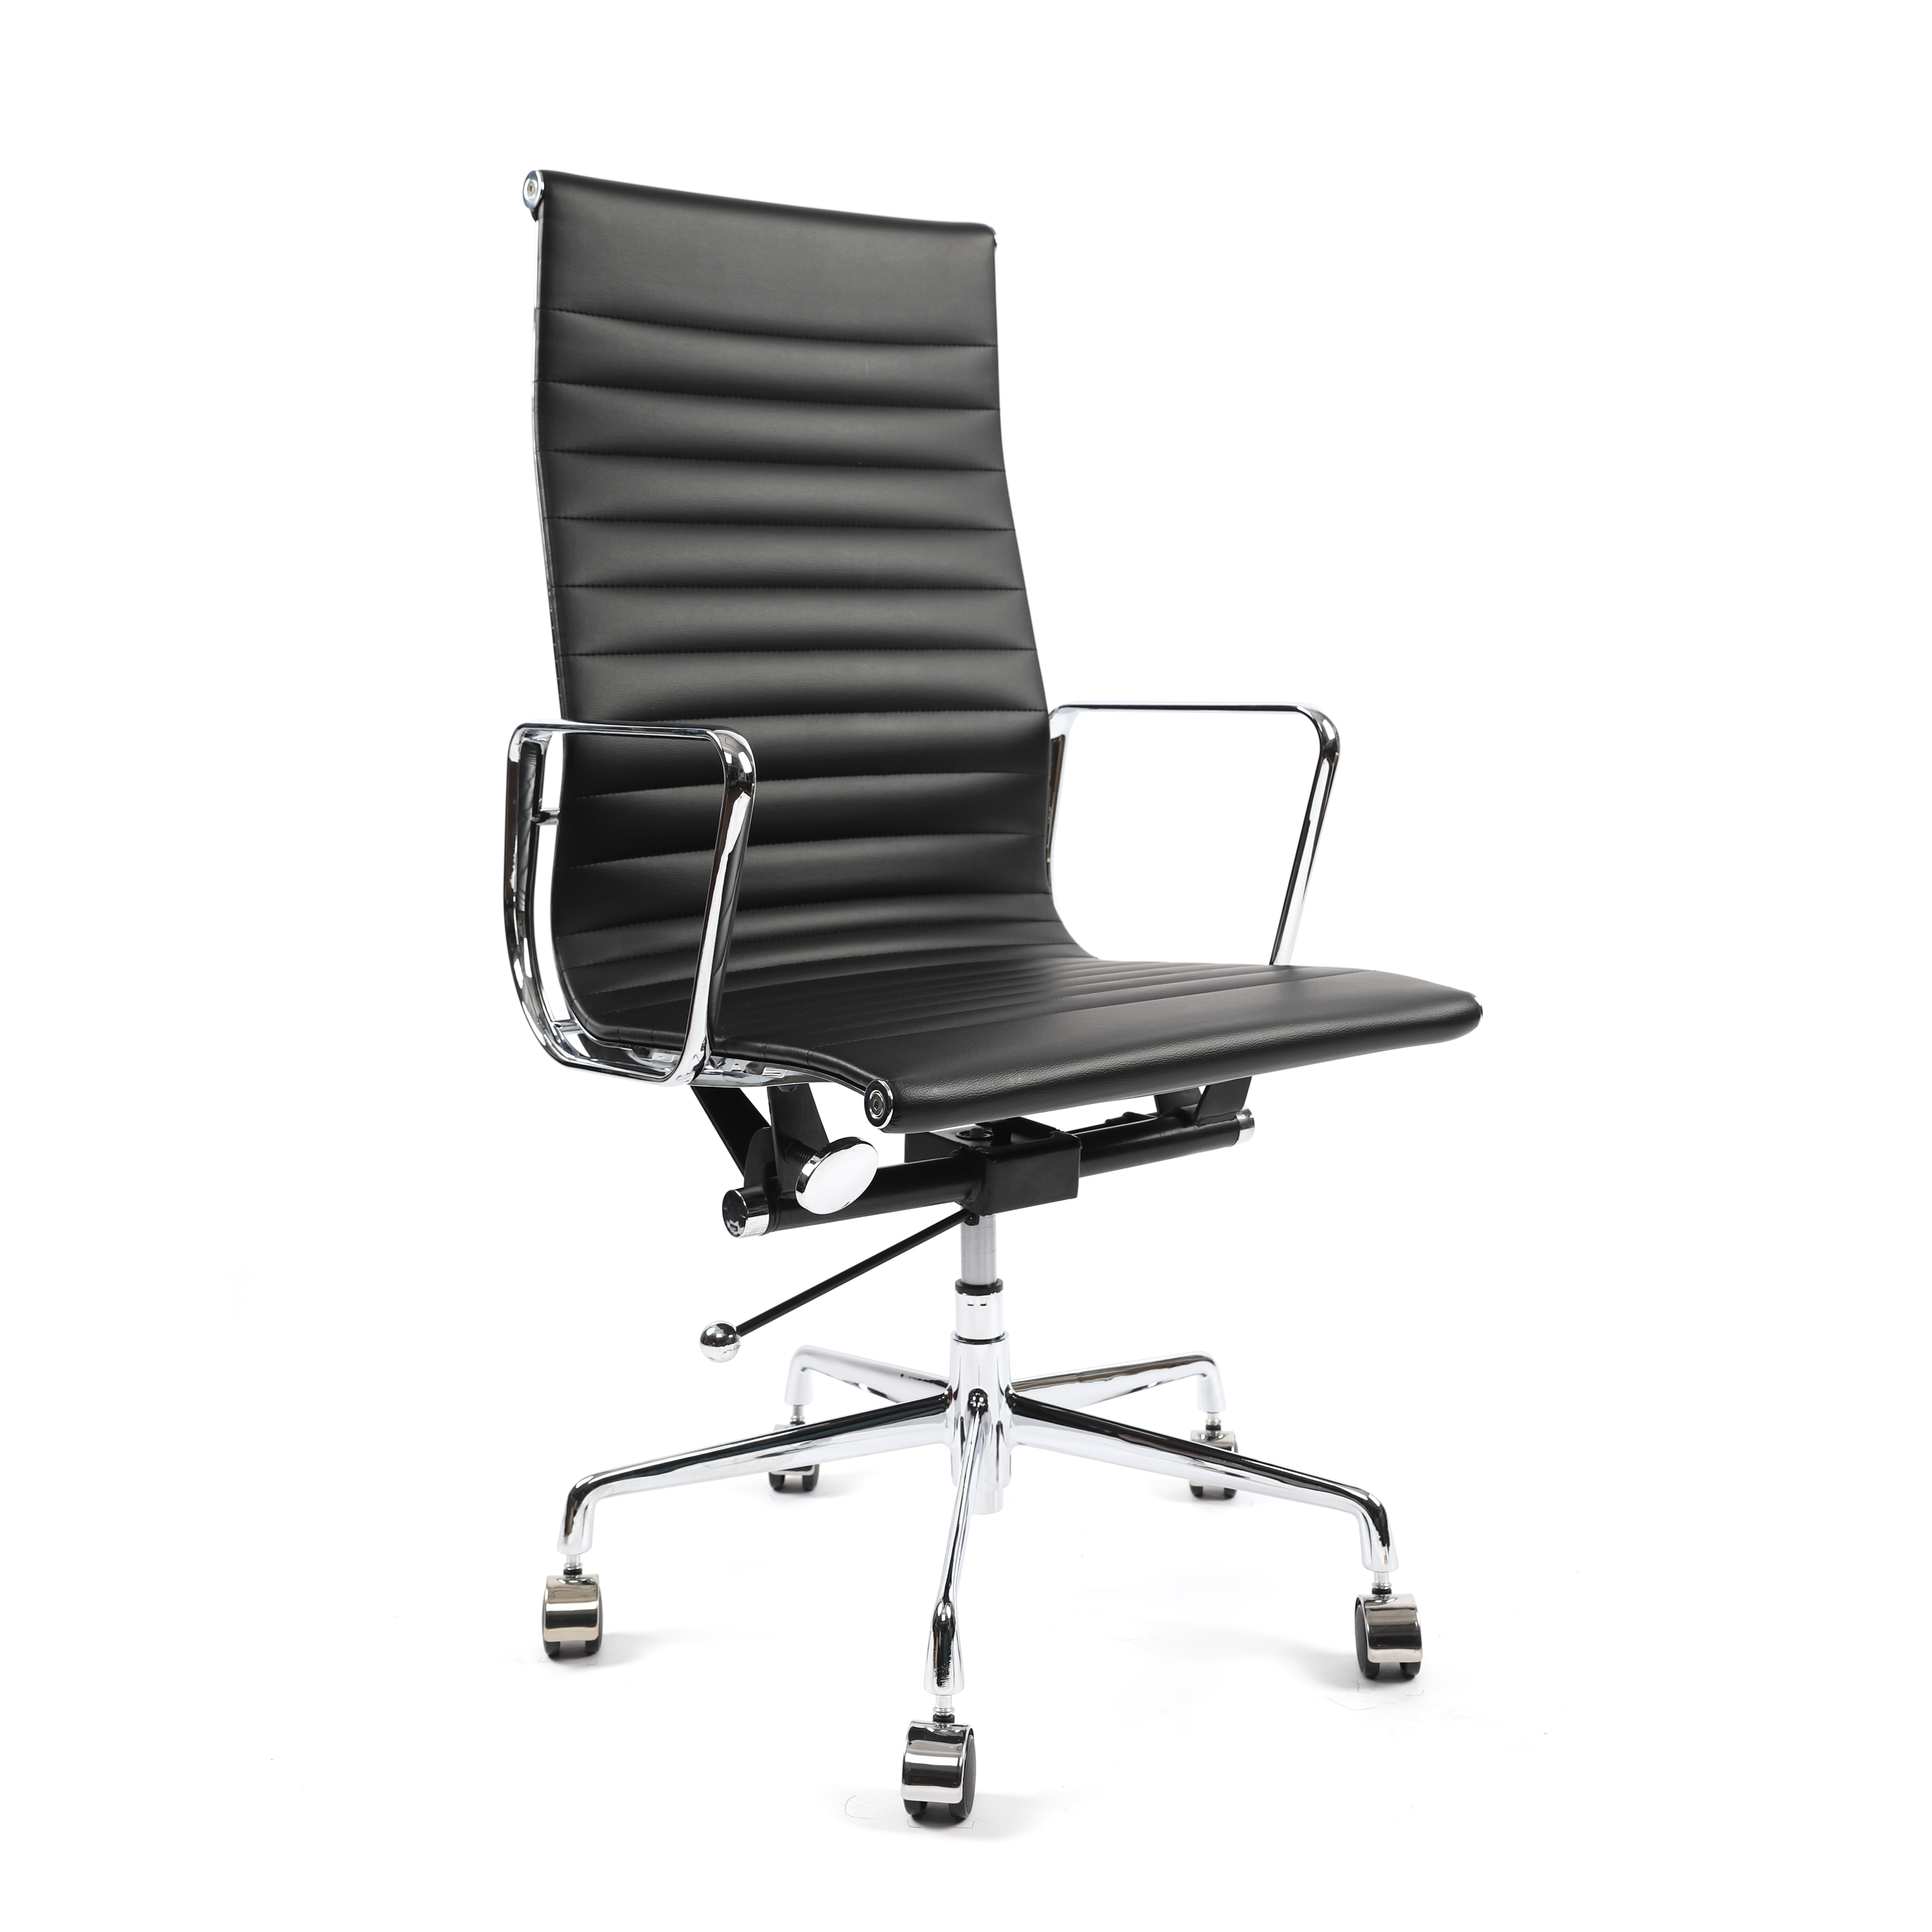 휘게체어 허먼밀러 임스체어 디자이너 명품 오피스 가죽 인테리어 오피스 체어 의자, 인조가죽(PU) - 블랙